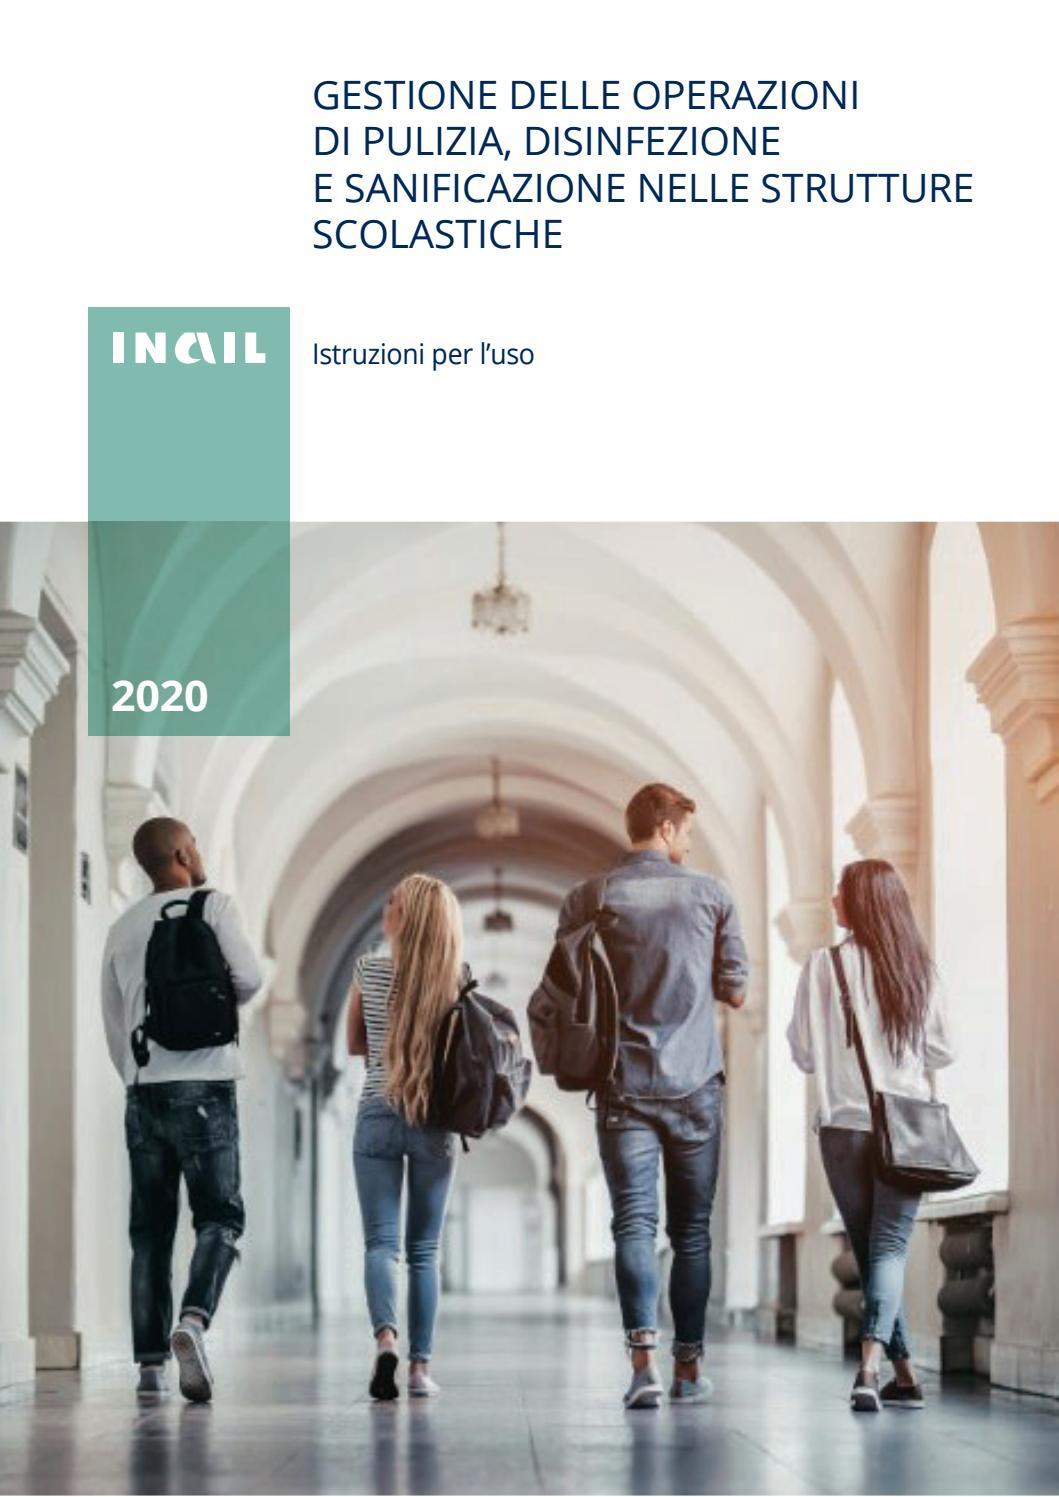 Inail 2020 - Gestione delle operazioni di pulizia, disinfezione e  sanificazione nelle strutture sco by Laboratorio Polizia Democratica - issuu